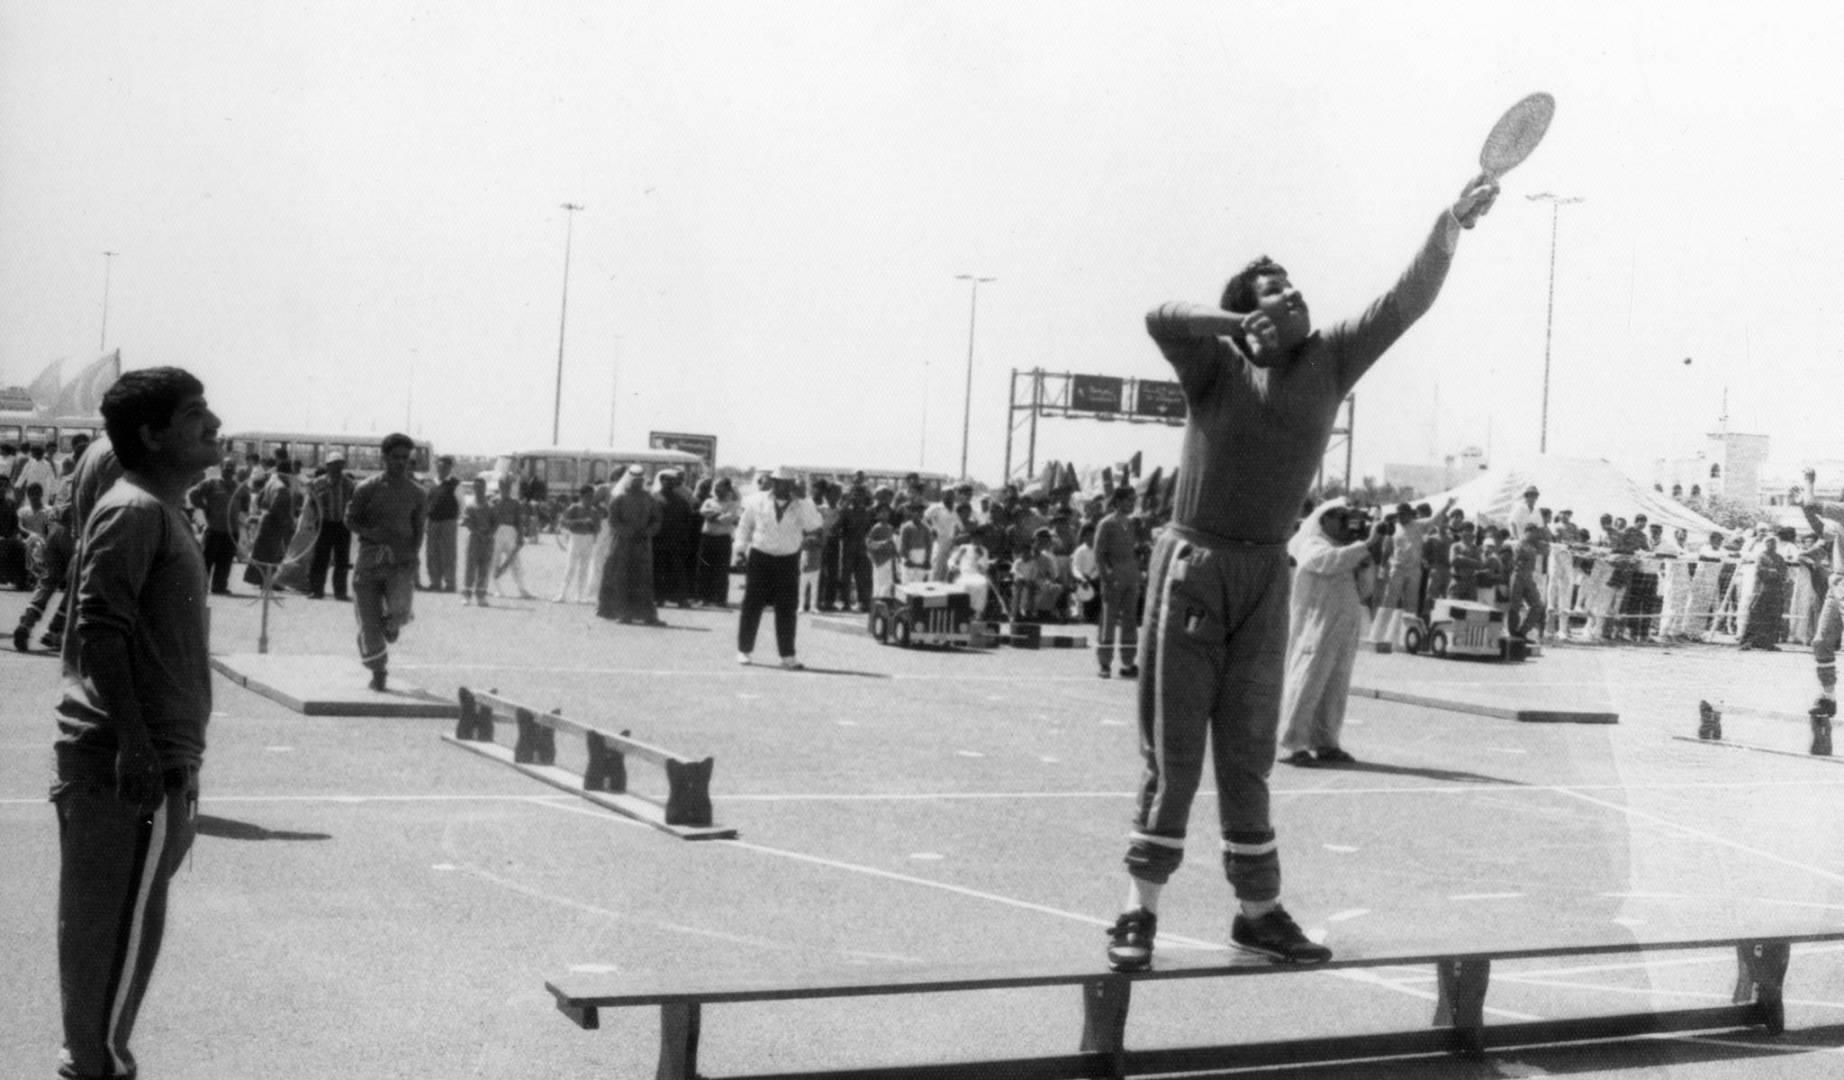 أحد المهرجانات الرياضة البدنية قديما.. صورة أرشيفة